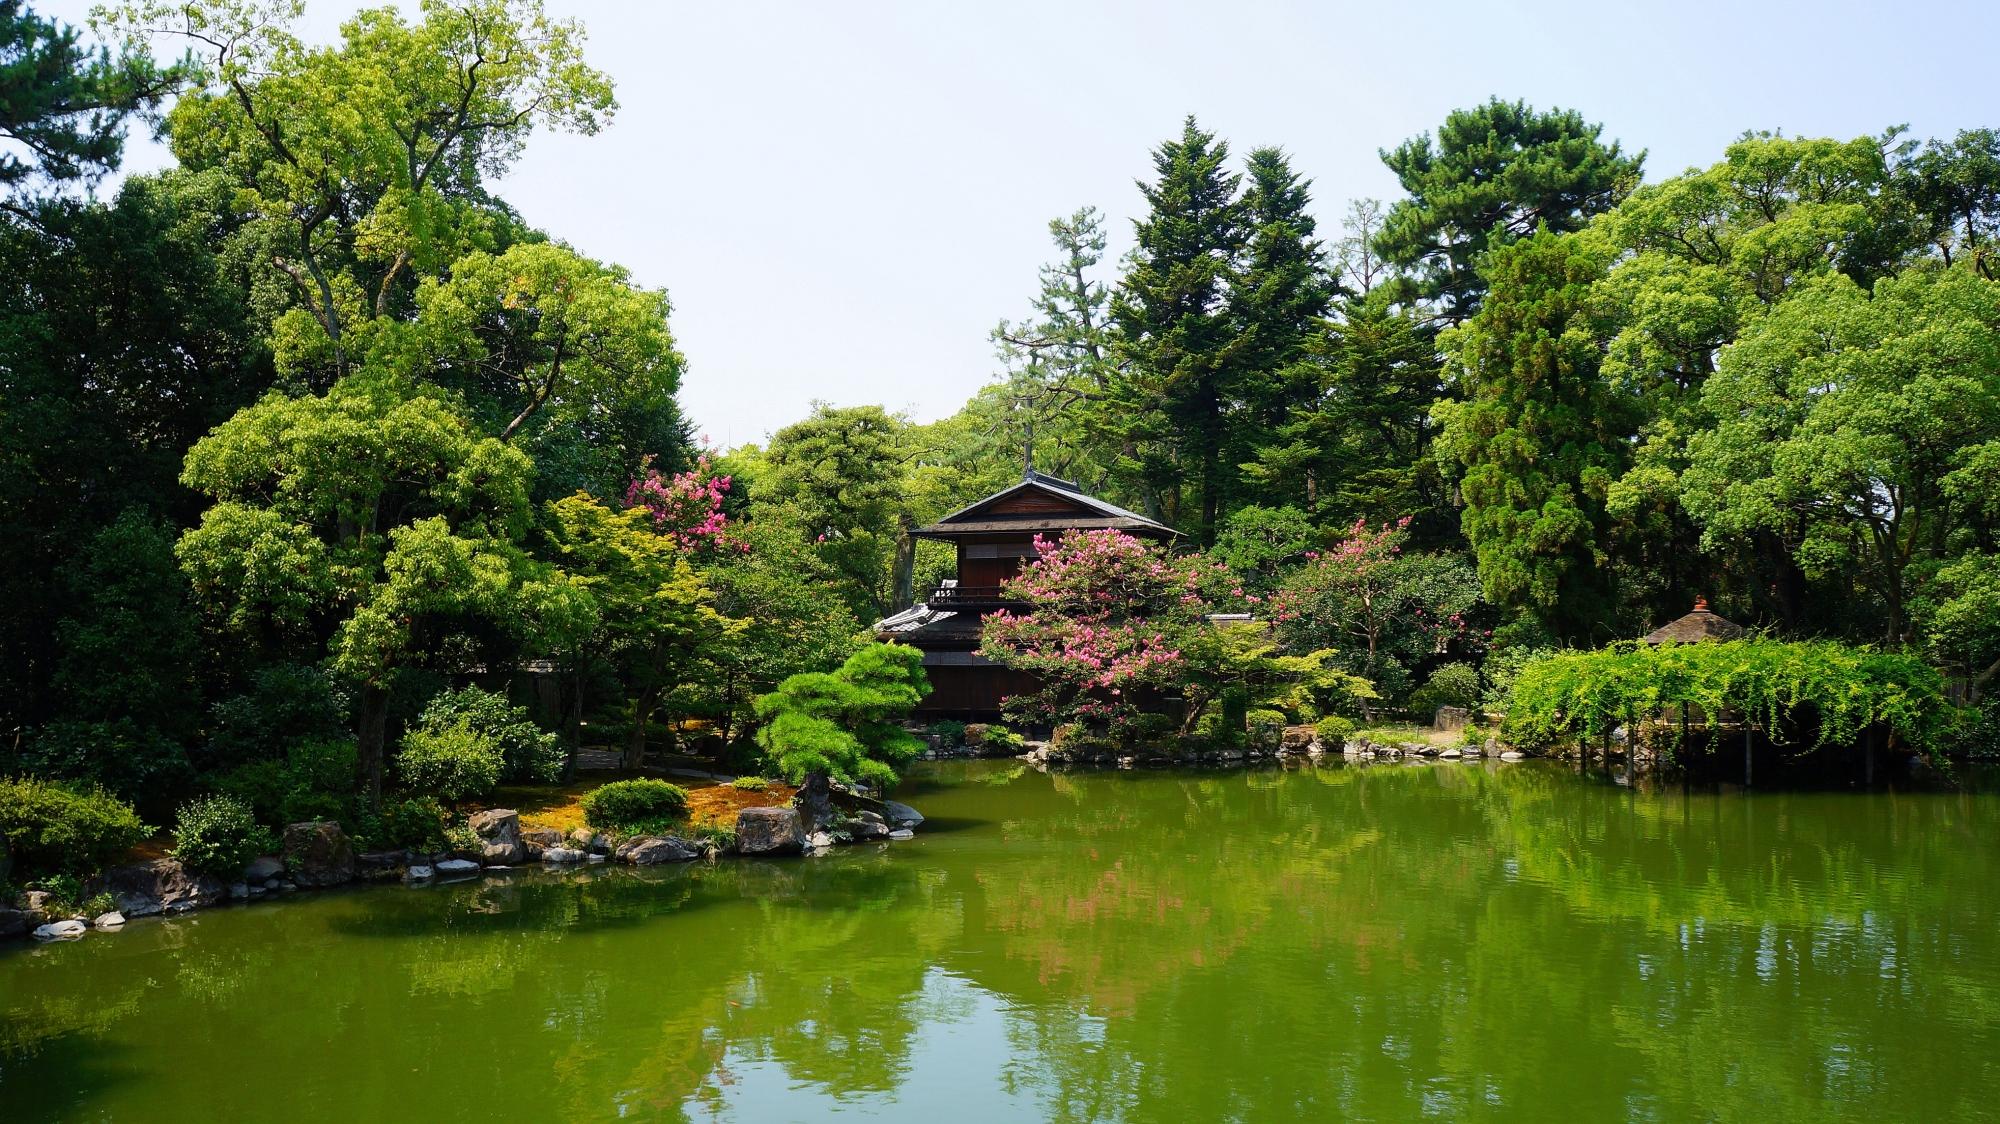 深い緑の中に佇む京都御苑の拾翠亭(しゅうすいてい)